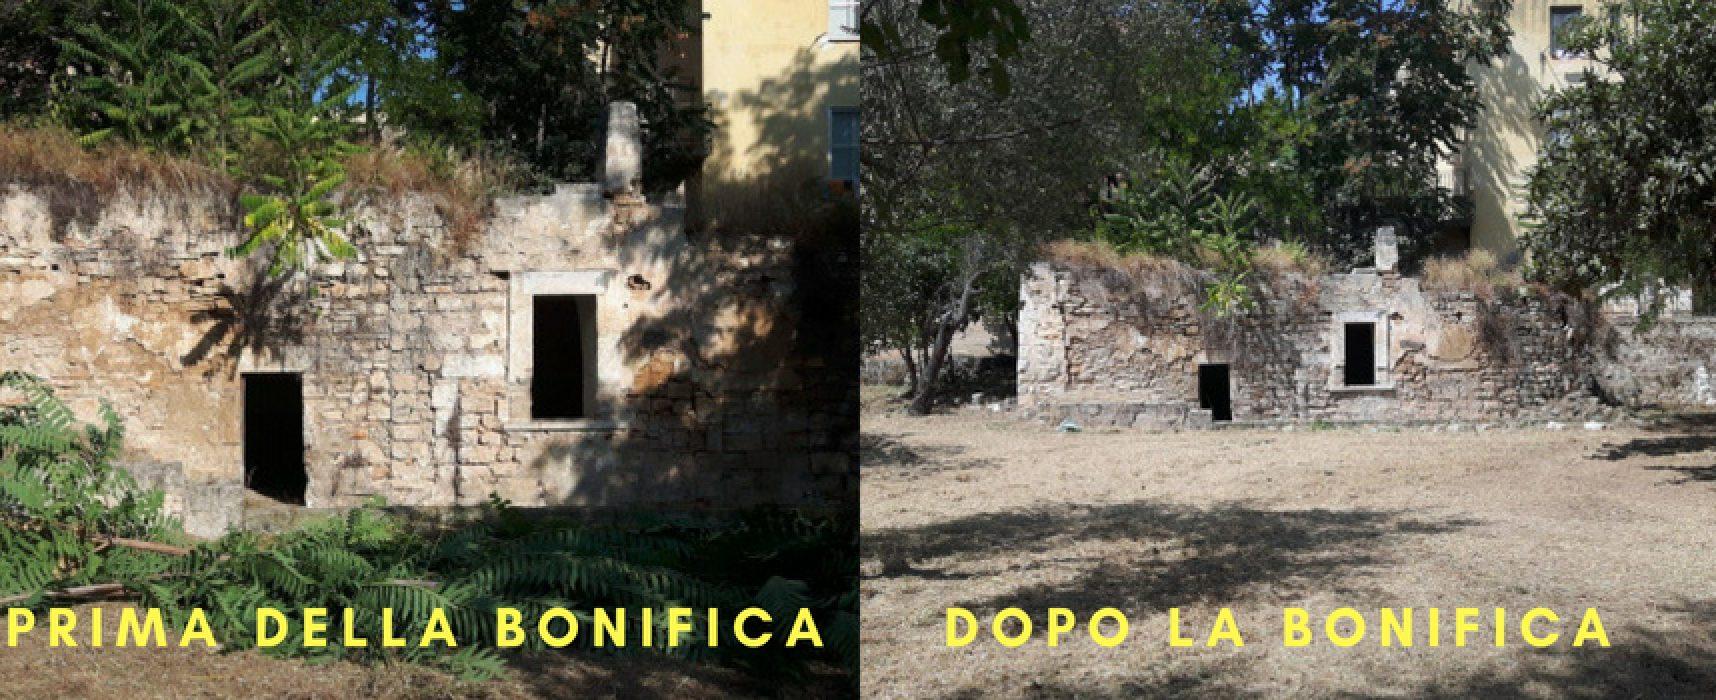 Orto Schinosa bonificato dal Comune dopo la segnalazione di Pro Natura